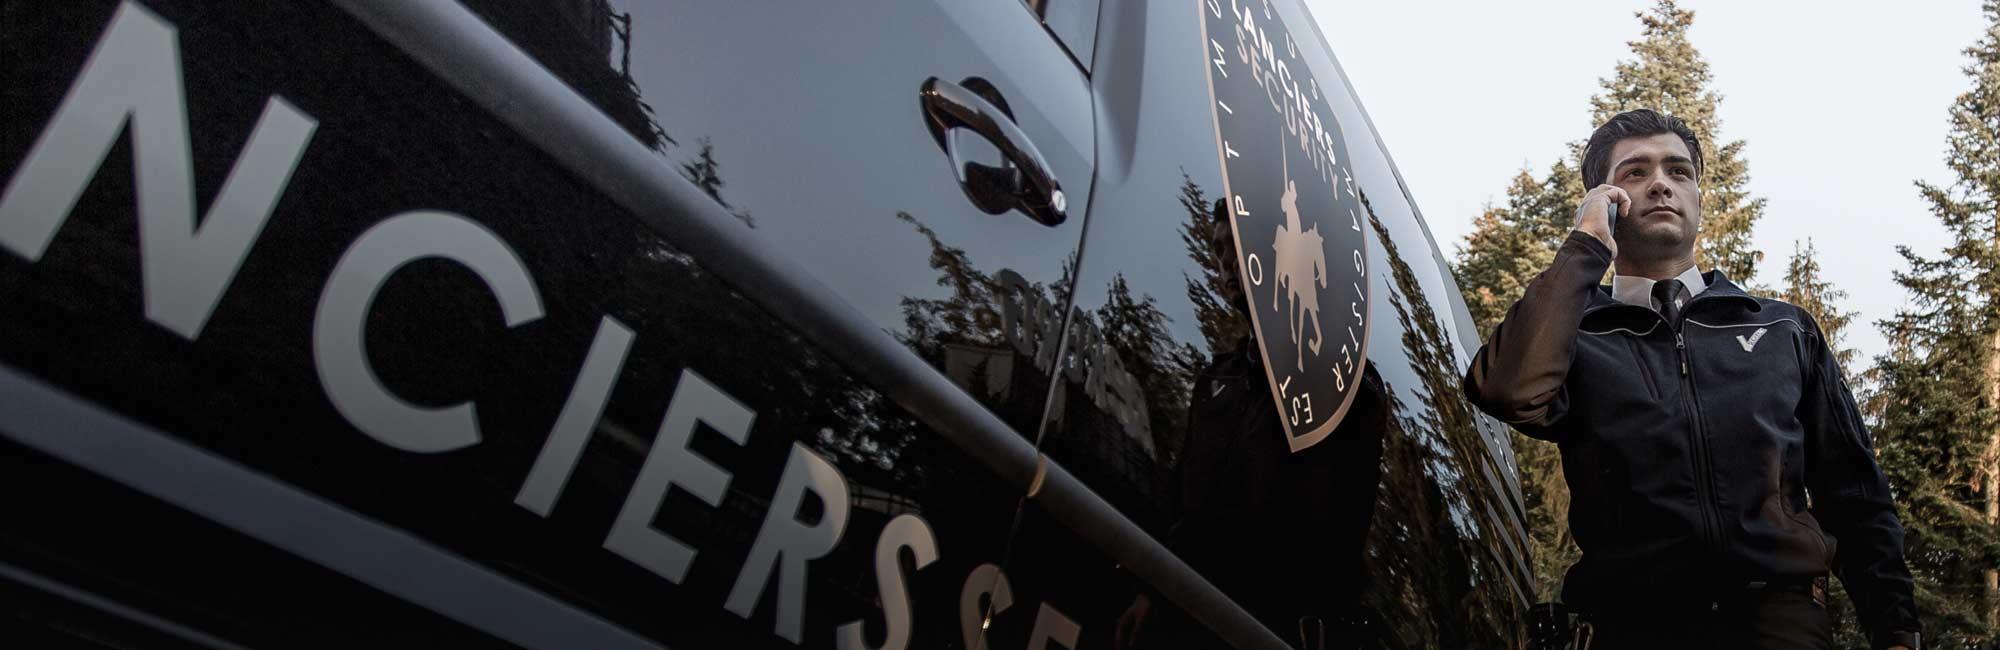 Goed opgeleide beveiligers - Lanciers Security Apeldoorn